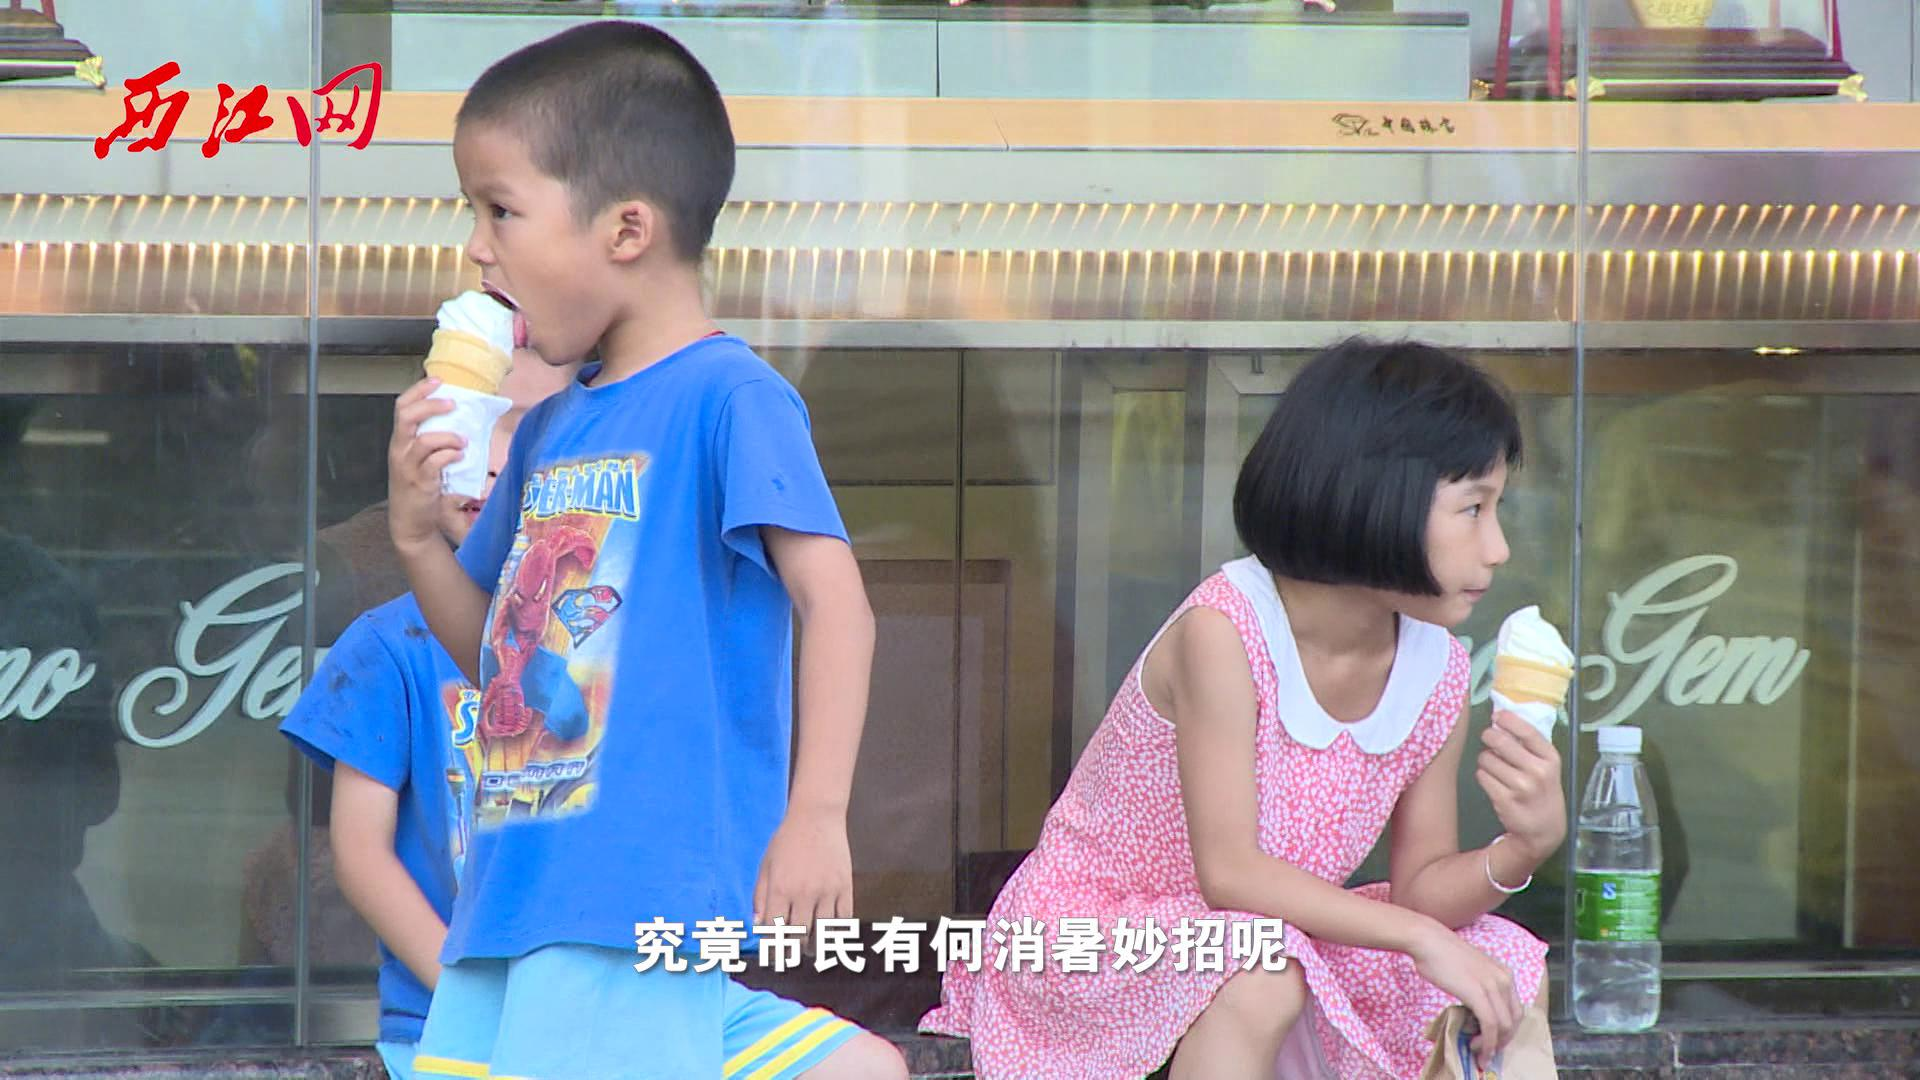 消暑妙招!超六成肇庆市民喝凉茶降温